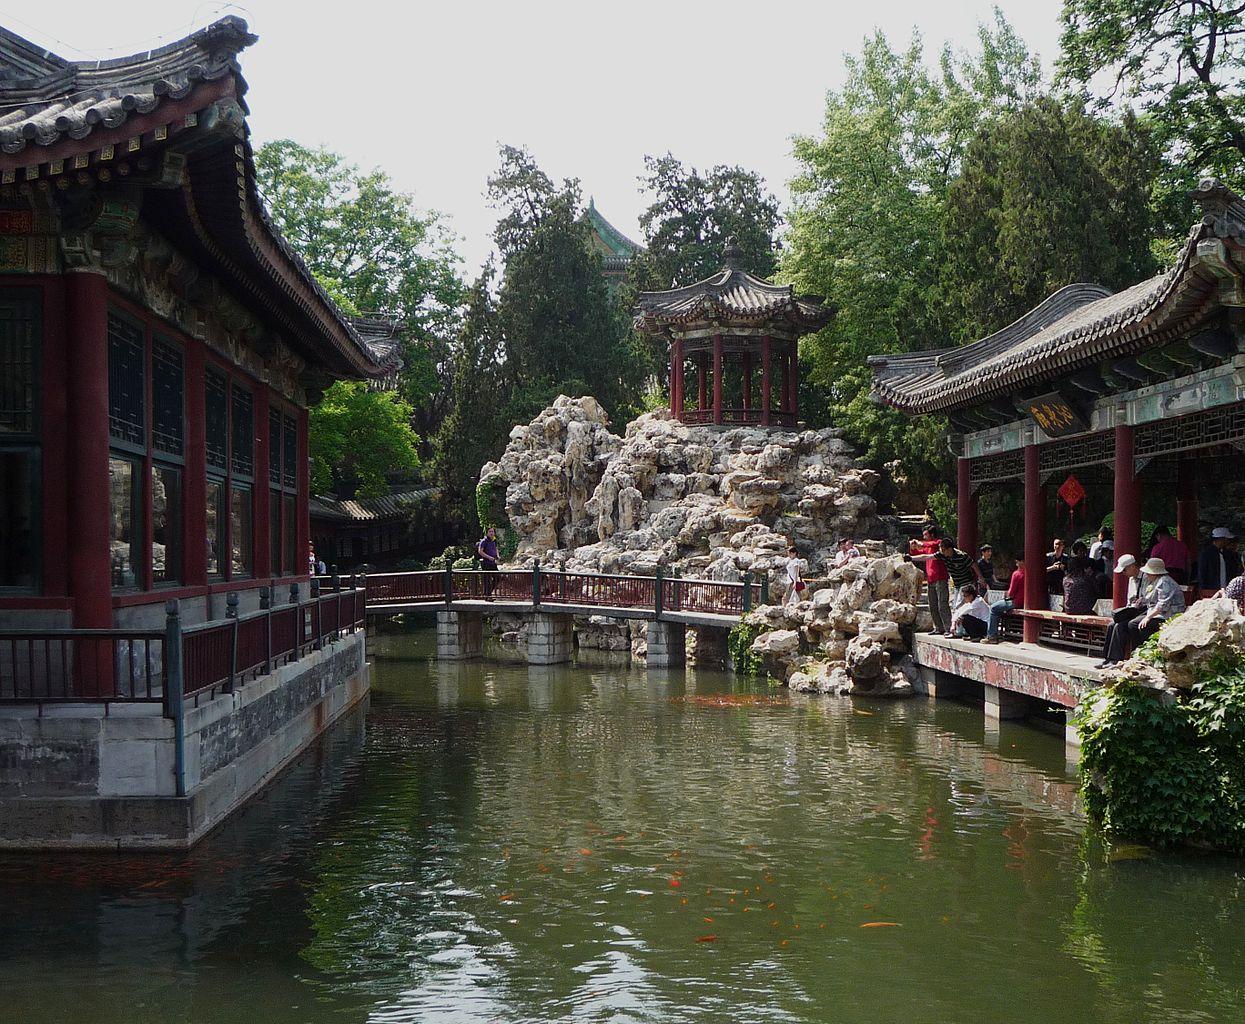 1245px-Chinese_Garden_in_Beihai_Park.jpg